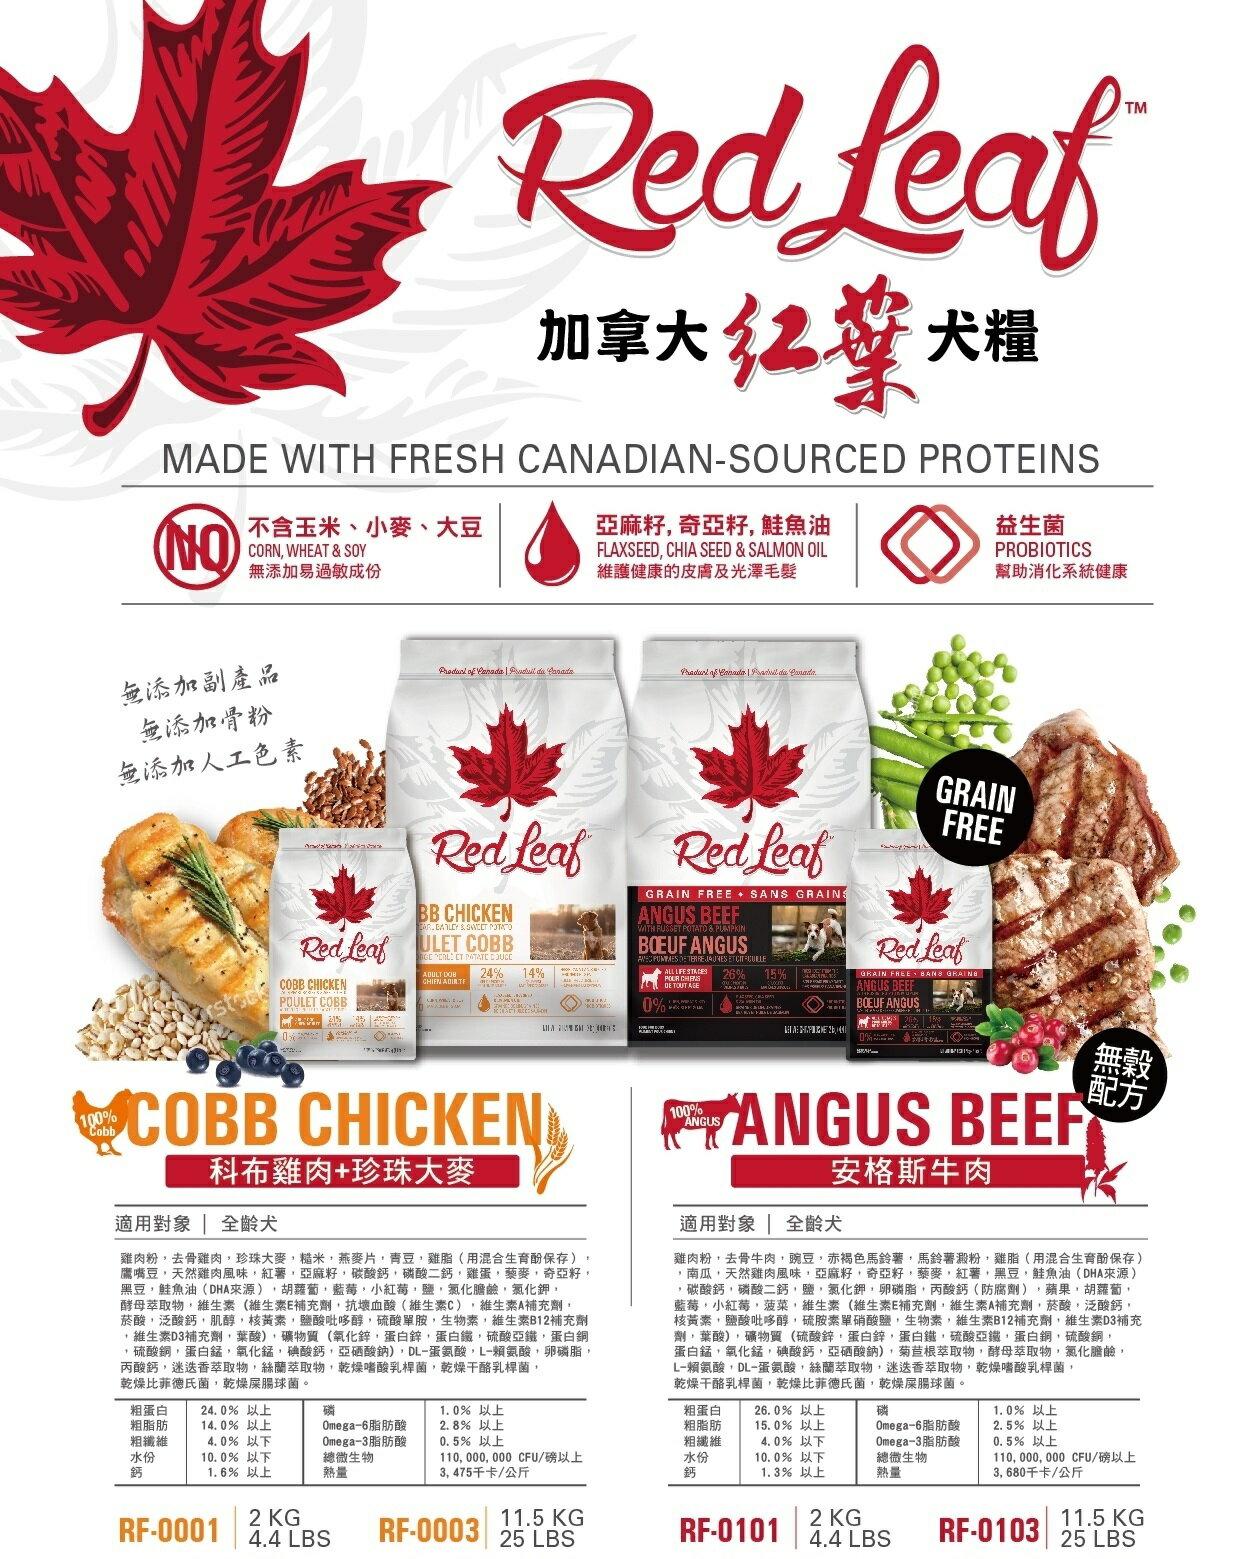 加拿大紅葉 Redleaf- / 天然犬糧雞肉+大麥 / 無穀犬糧安格斯牛肉 / 狗飼料-2kg 1